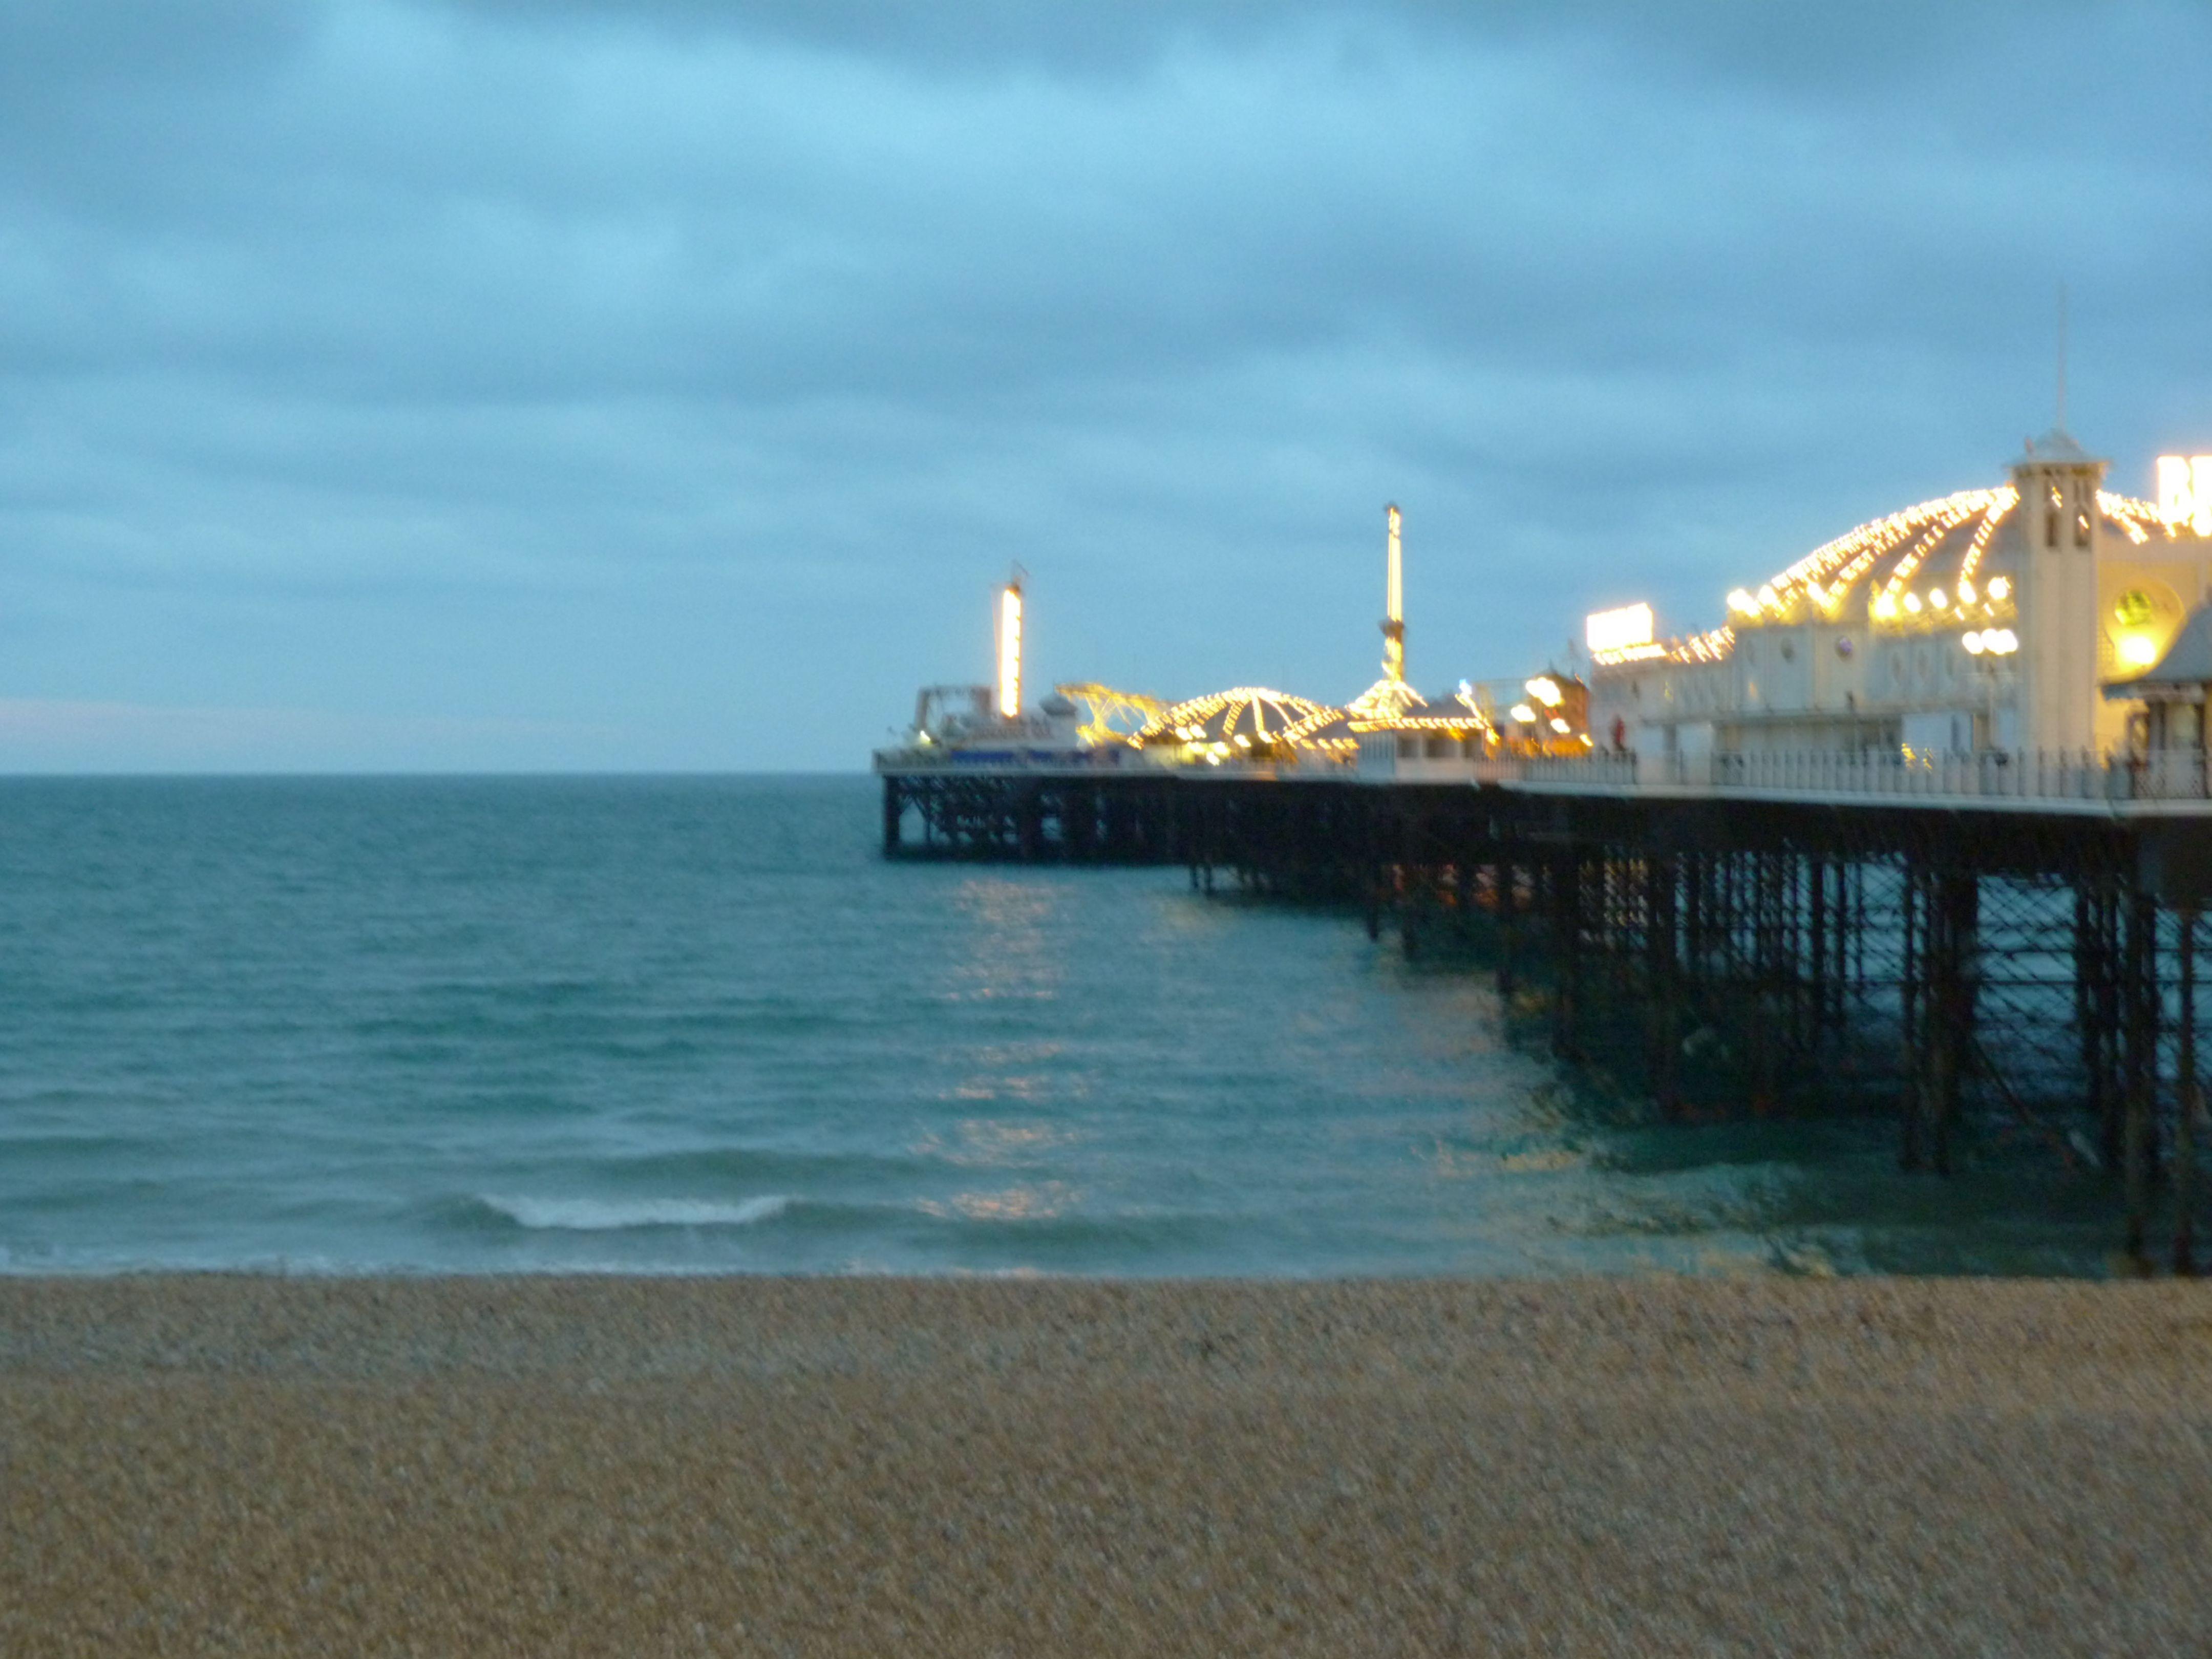 Brighton pier in the winter.